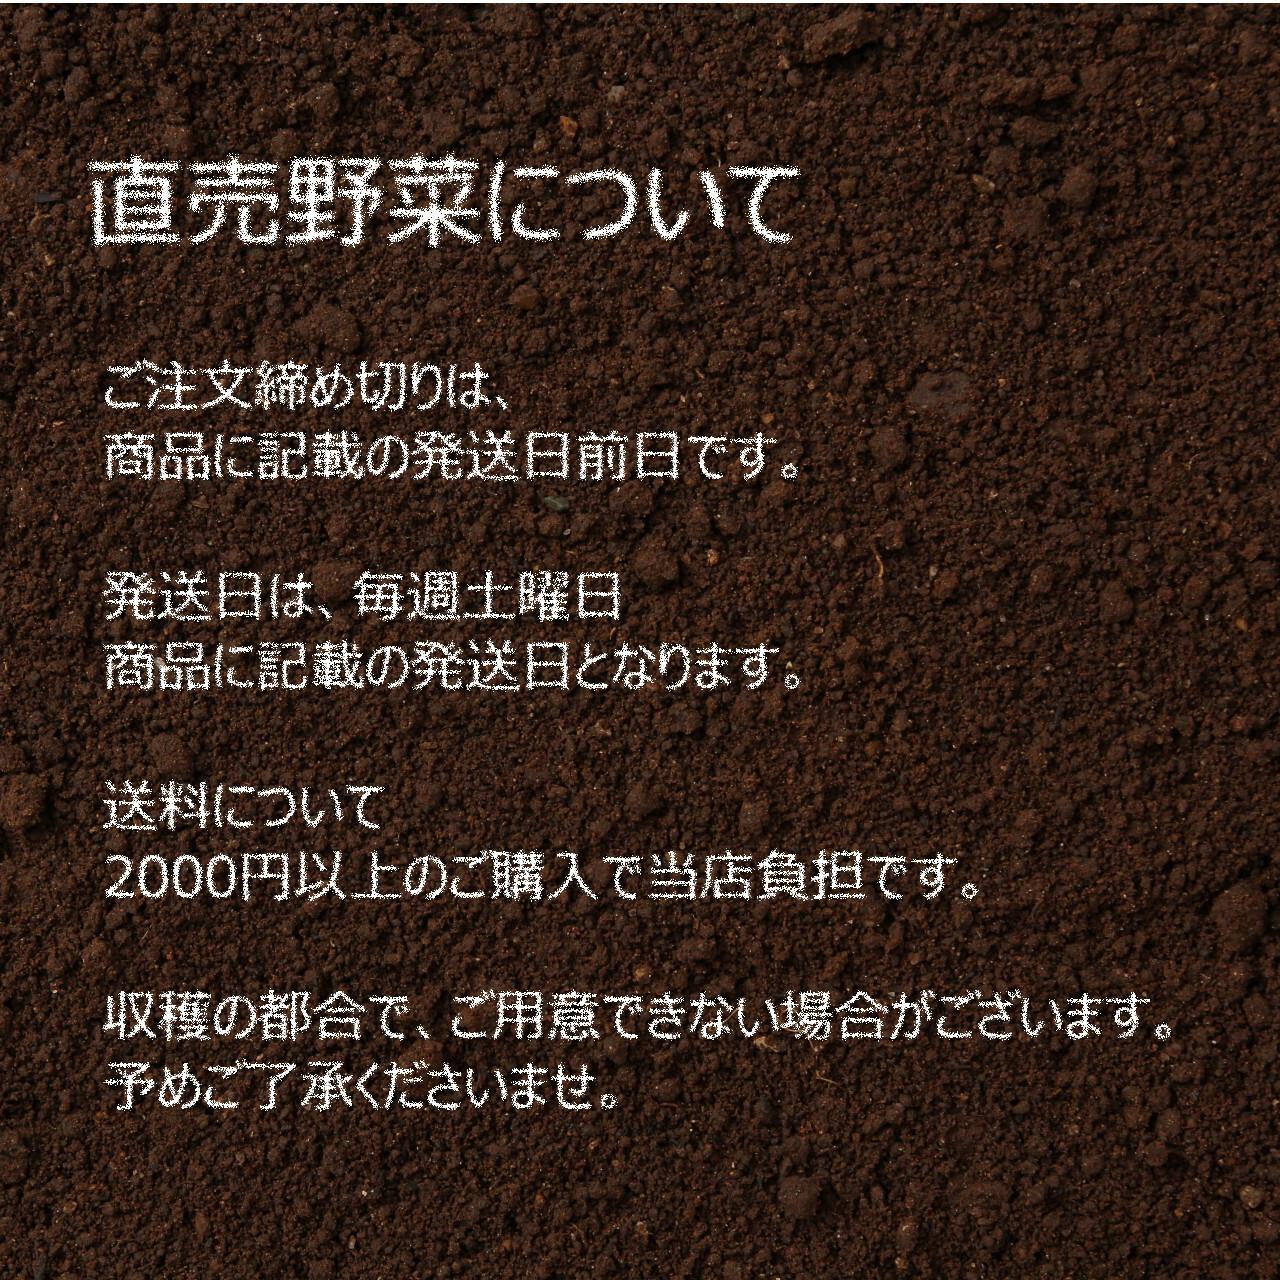 ズッキーニ 1本 : 7月の朝採り直売野菜 新鮮な夏野菜 7月4日発送予定